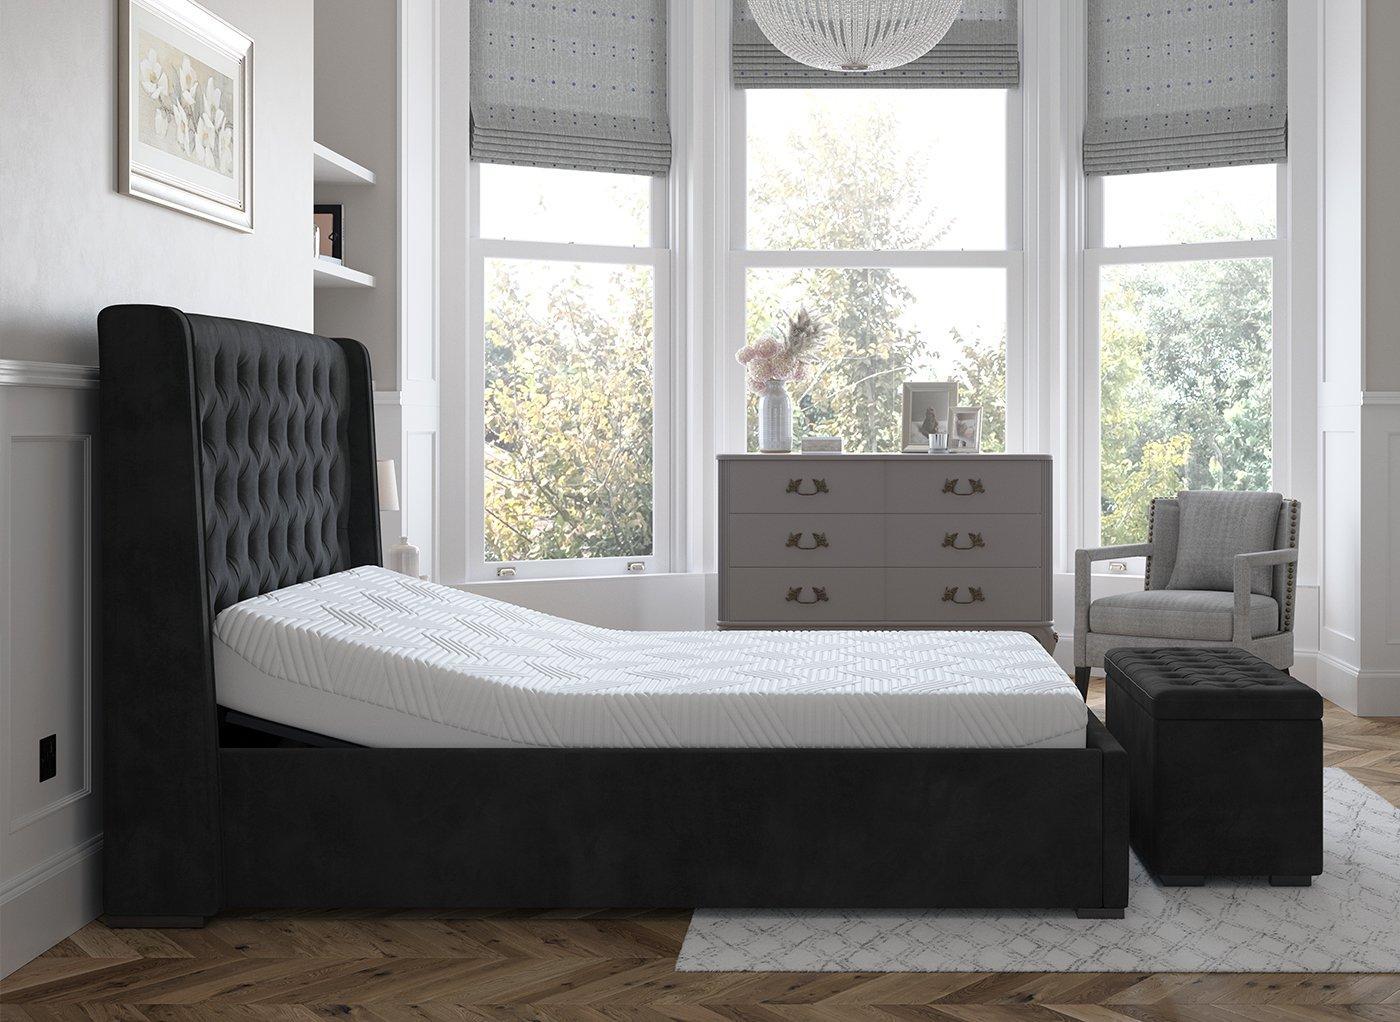 deacon-sleepmotion-adjustable-upholstered-bed-frame